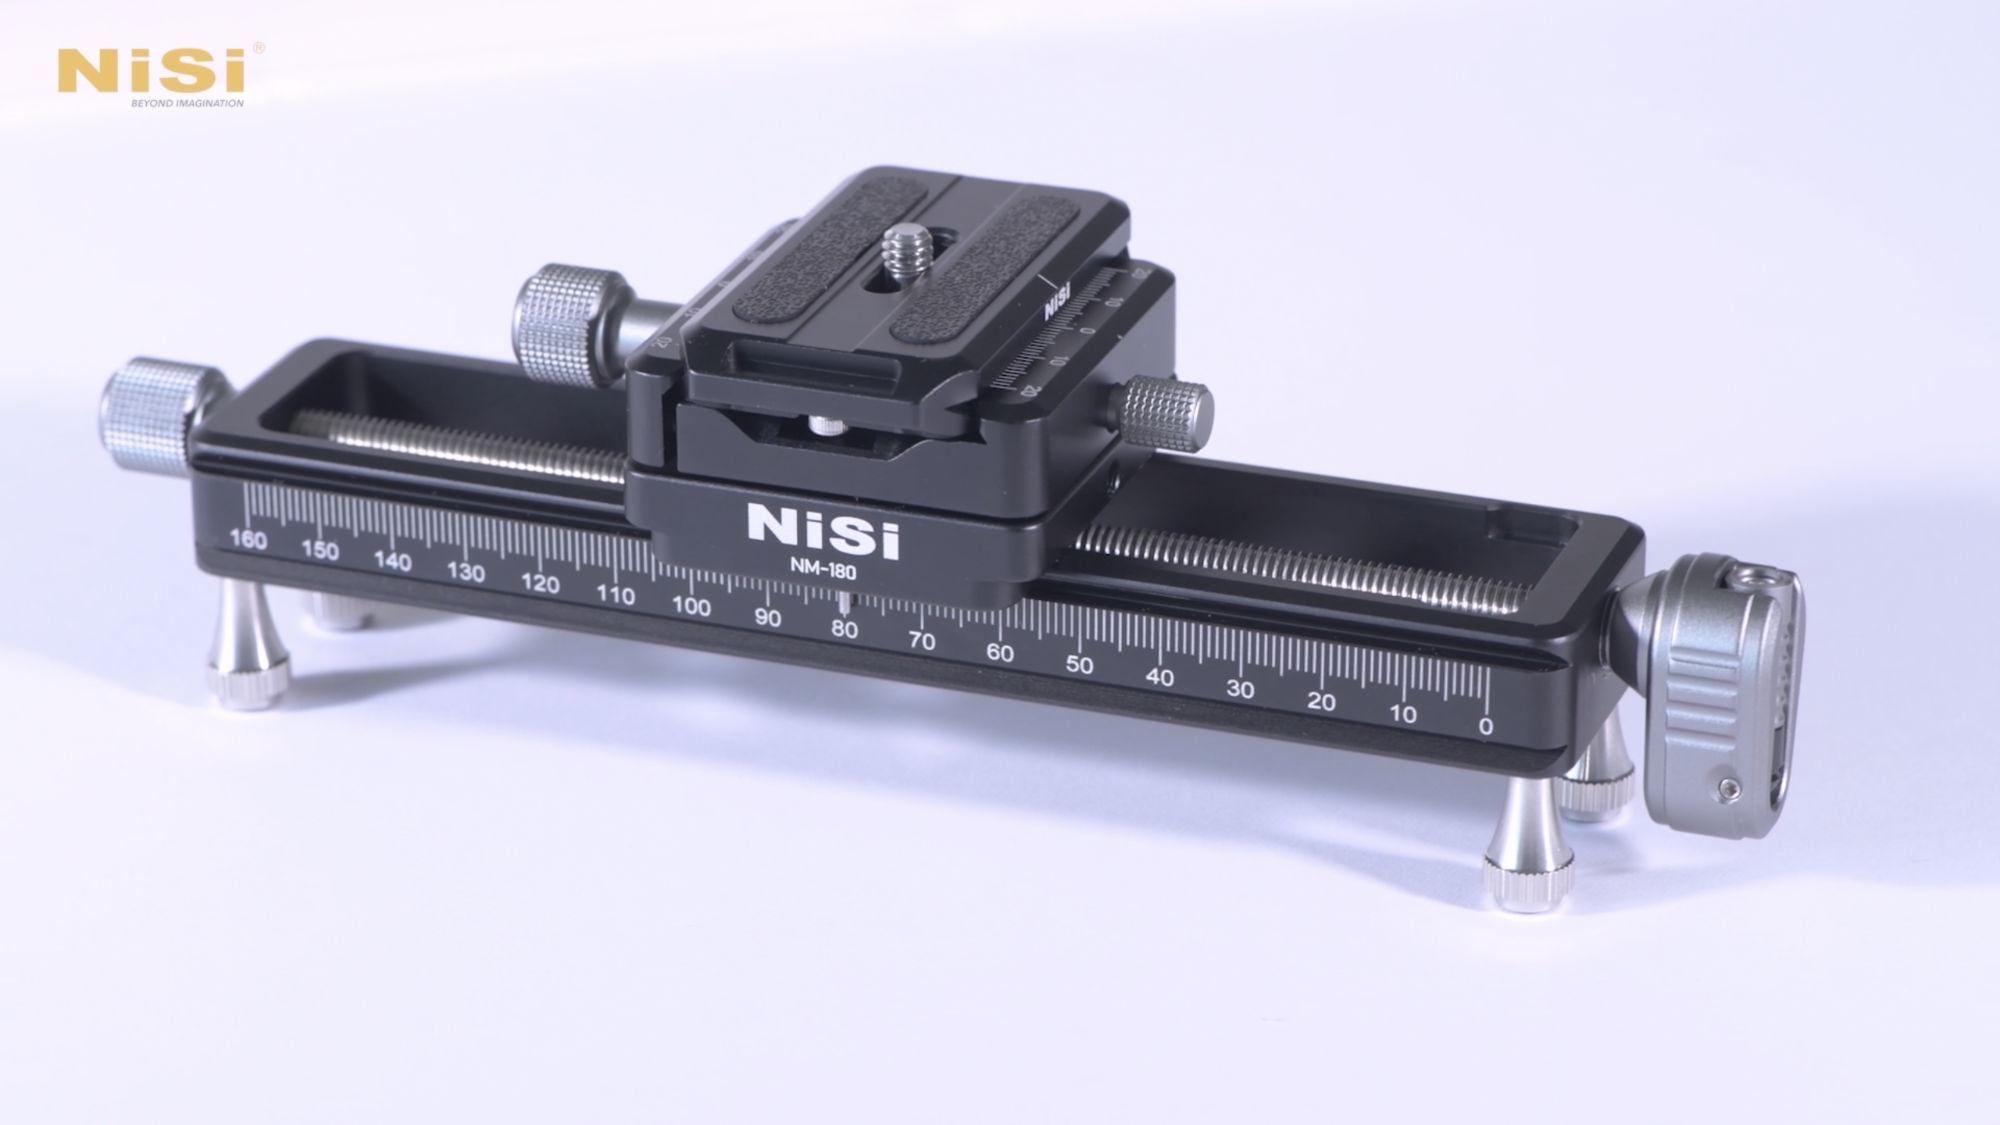 NiSi Macro Focusing Rail